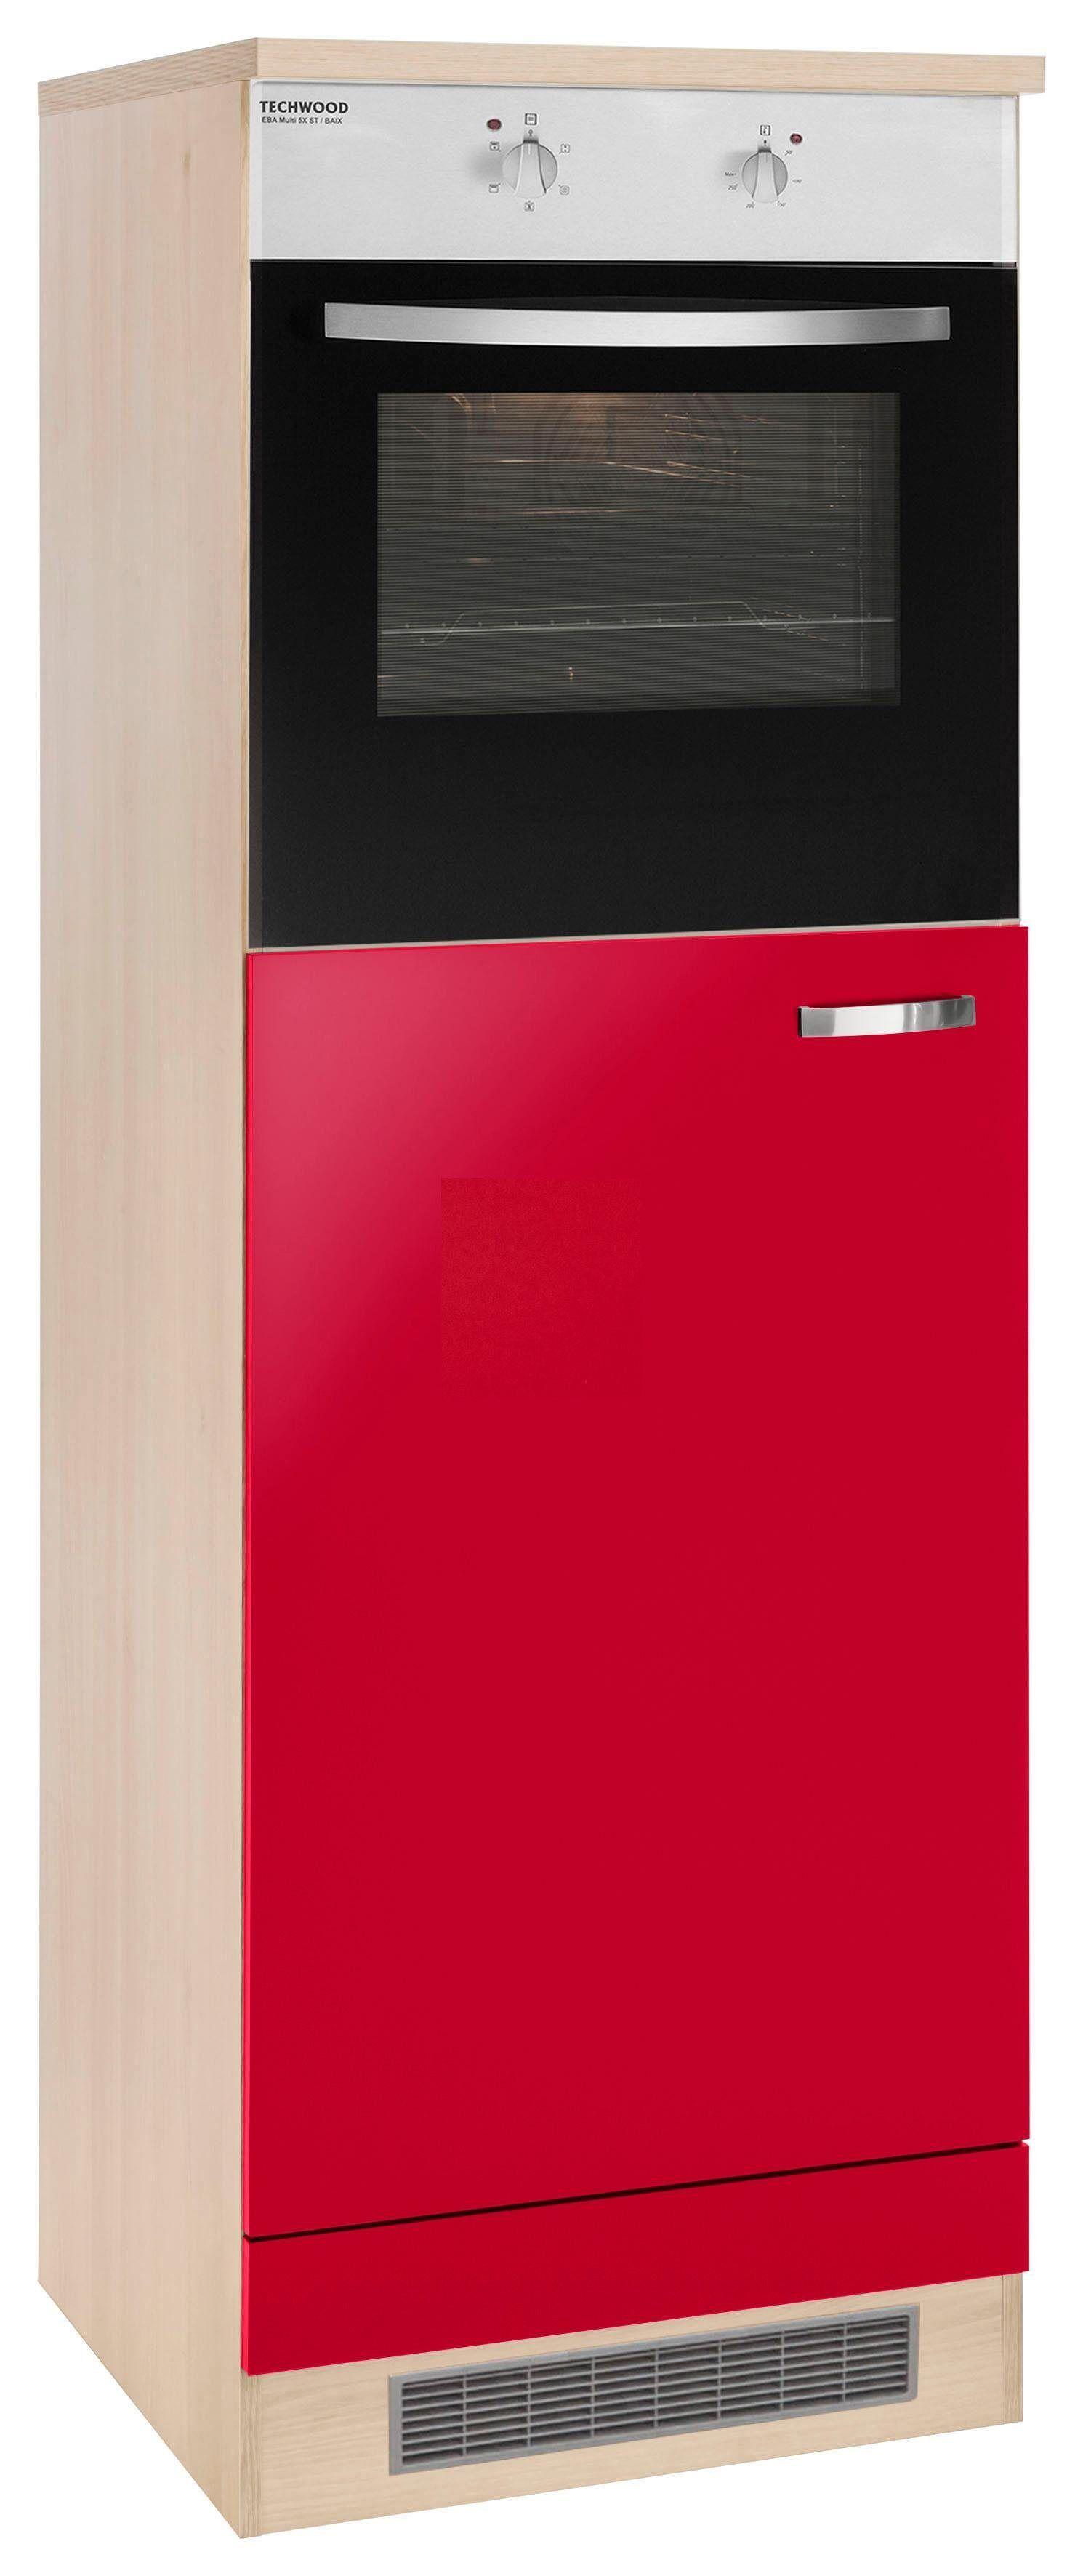 OPTIFIT Backofen/Kühlumbauschrank »Faro«, mit Metallgriff, Breite 60 cm, rot Glanz